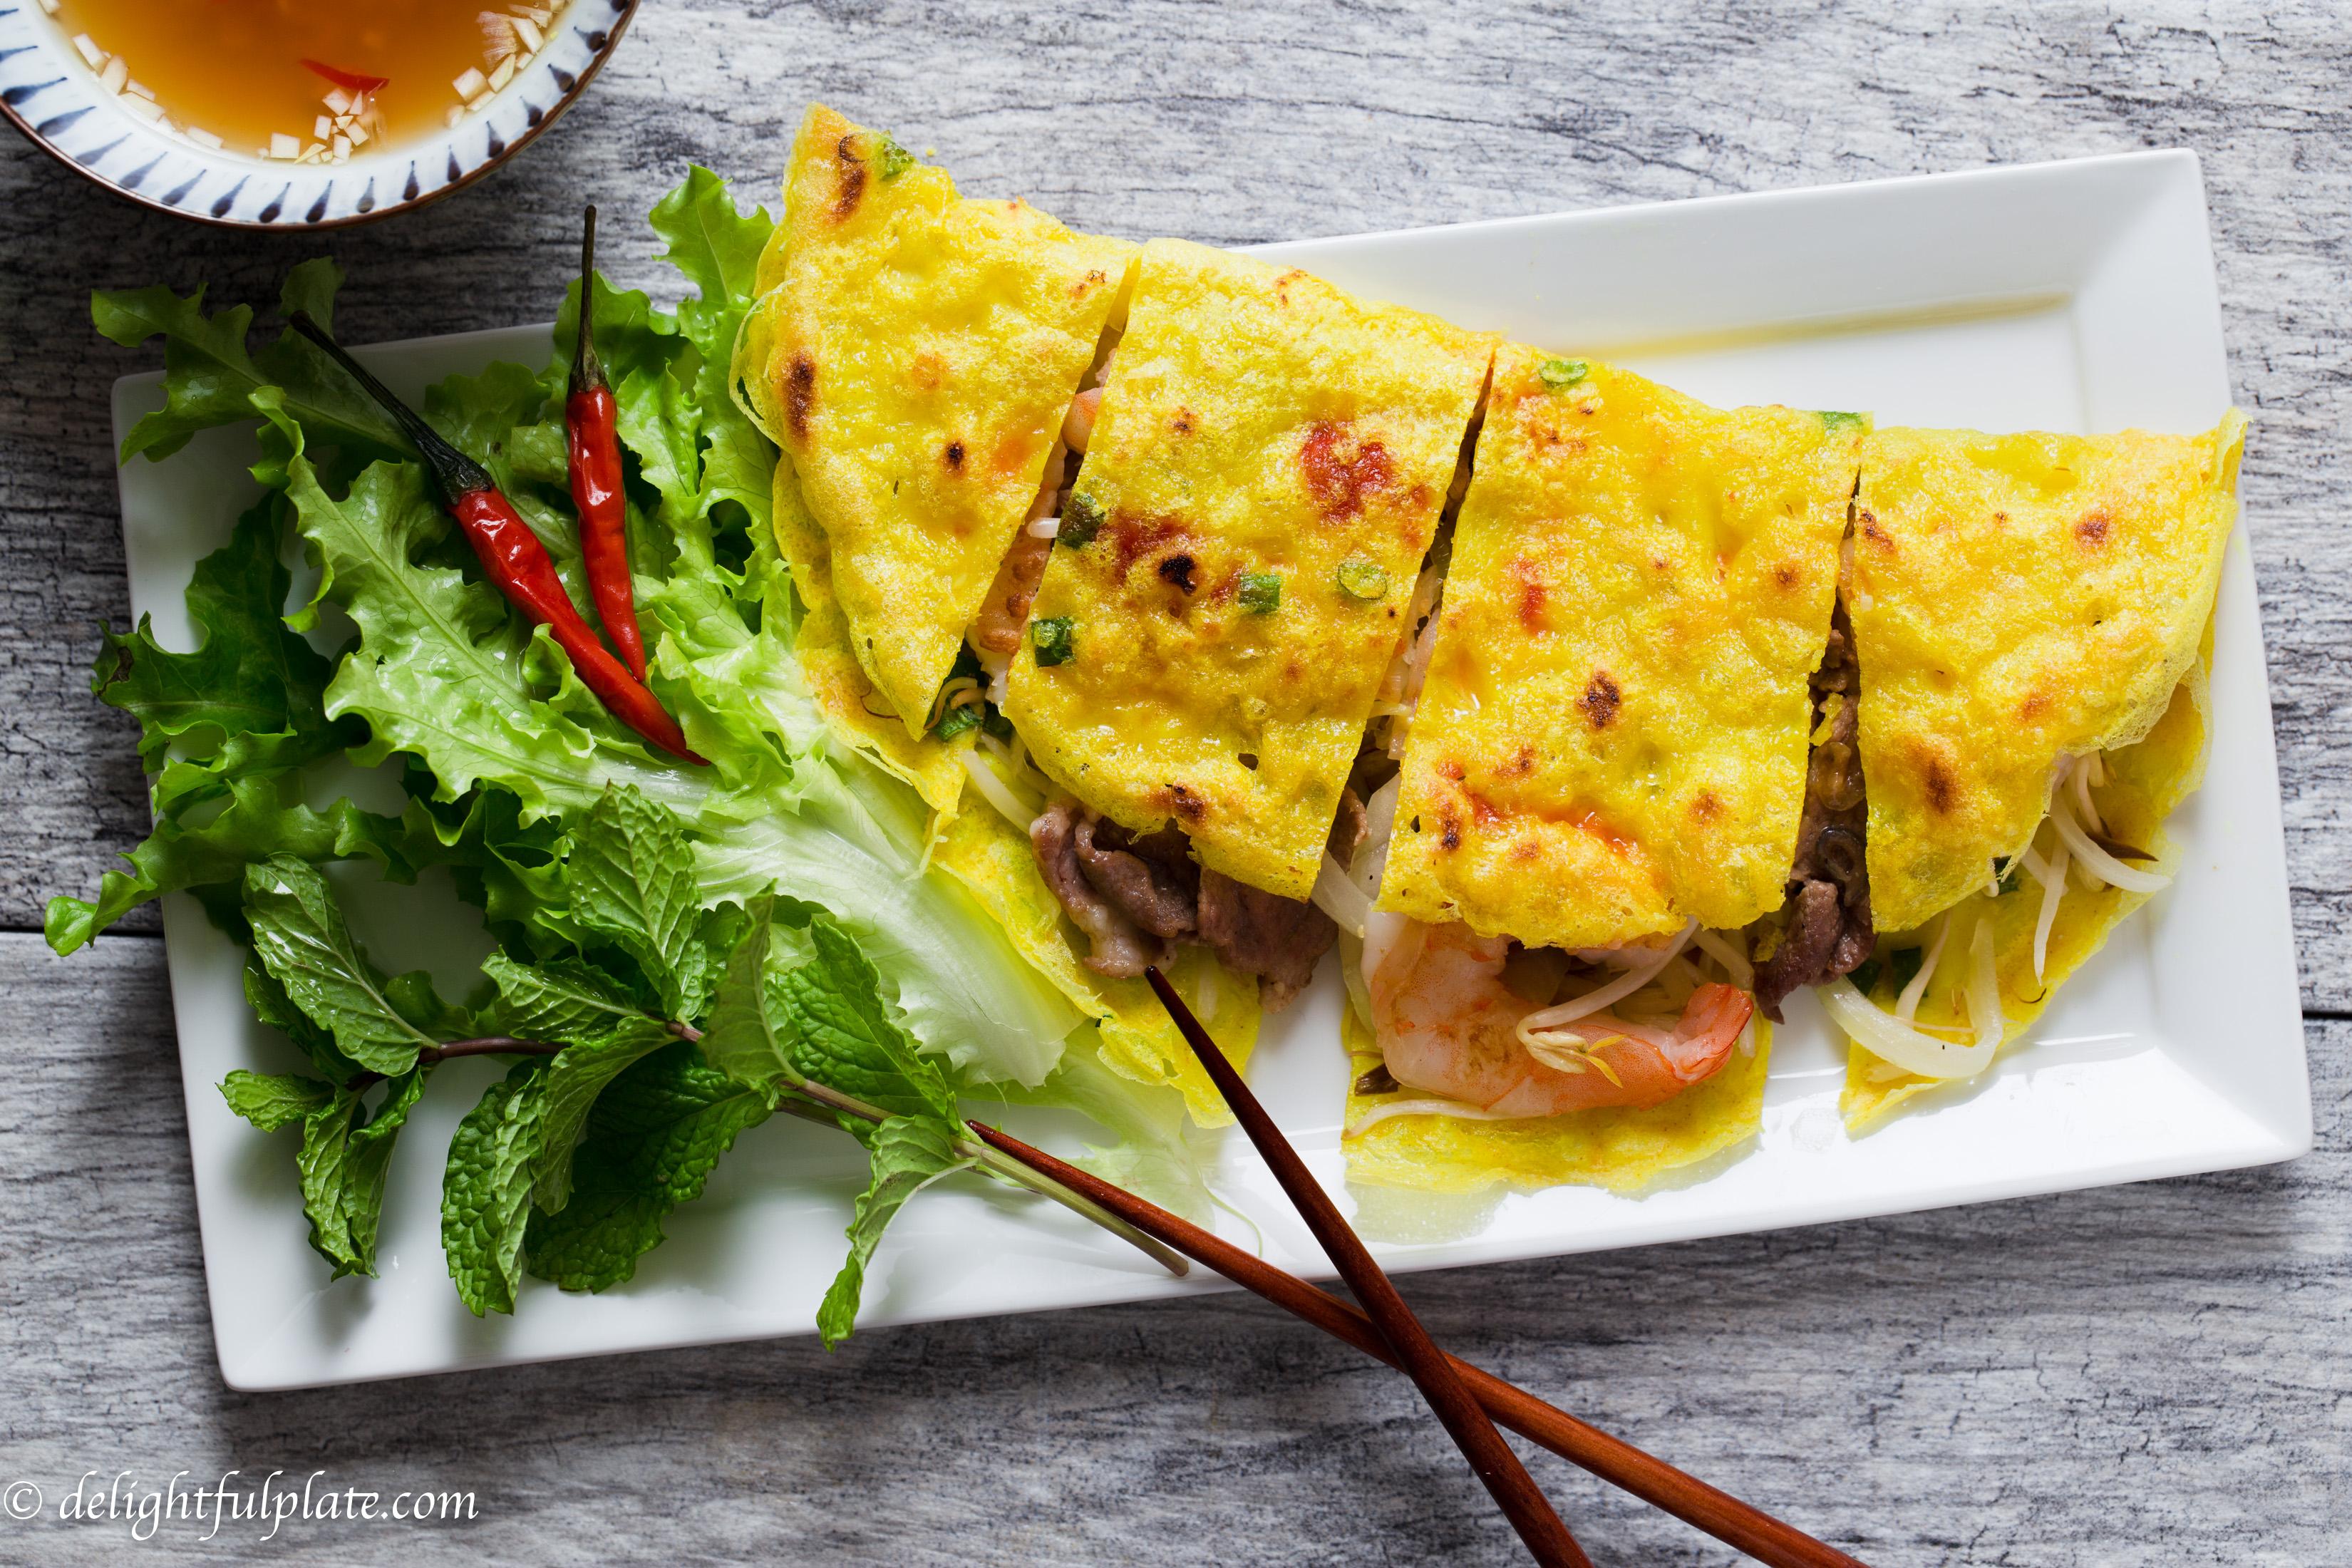 a Vietnamese Crepe (Banh Xeo)